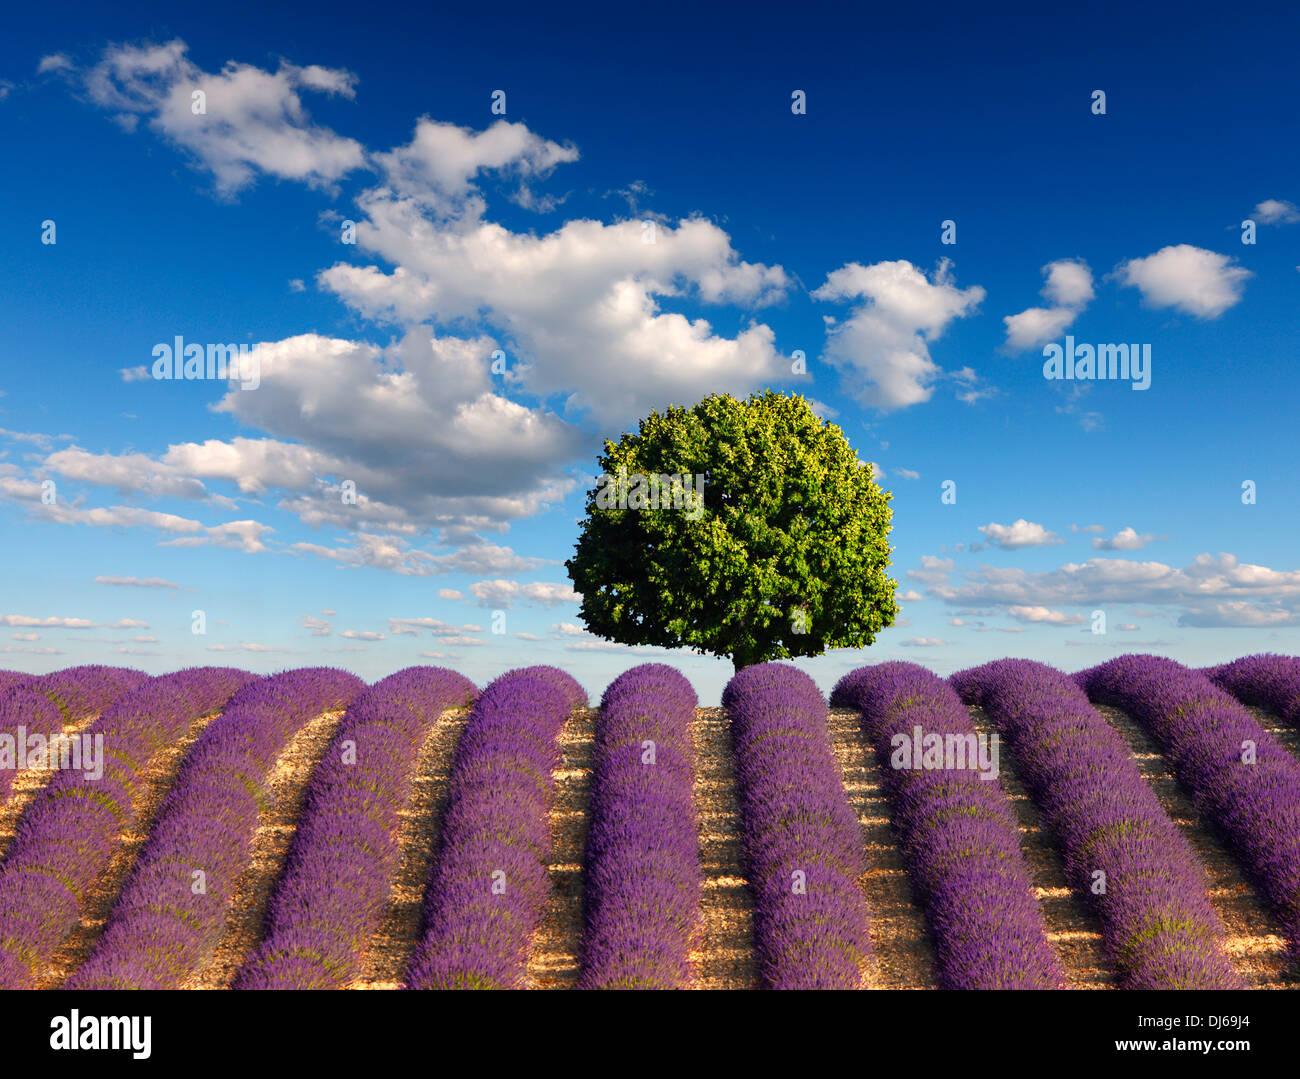 Baum im Lavendelfeld mit Wolken am blauen Himmel. Stockbild